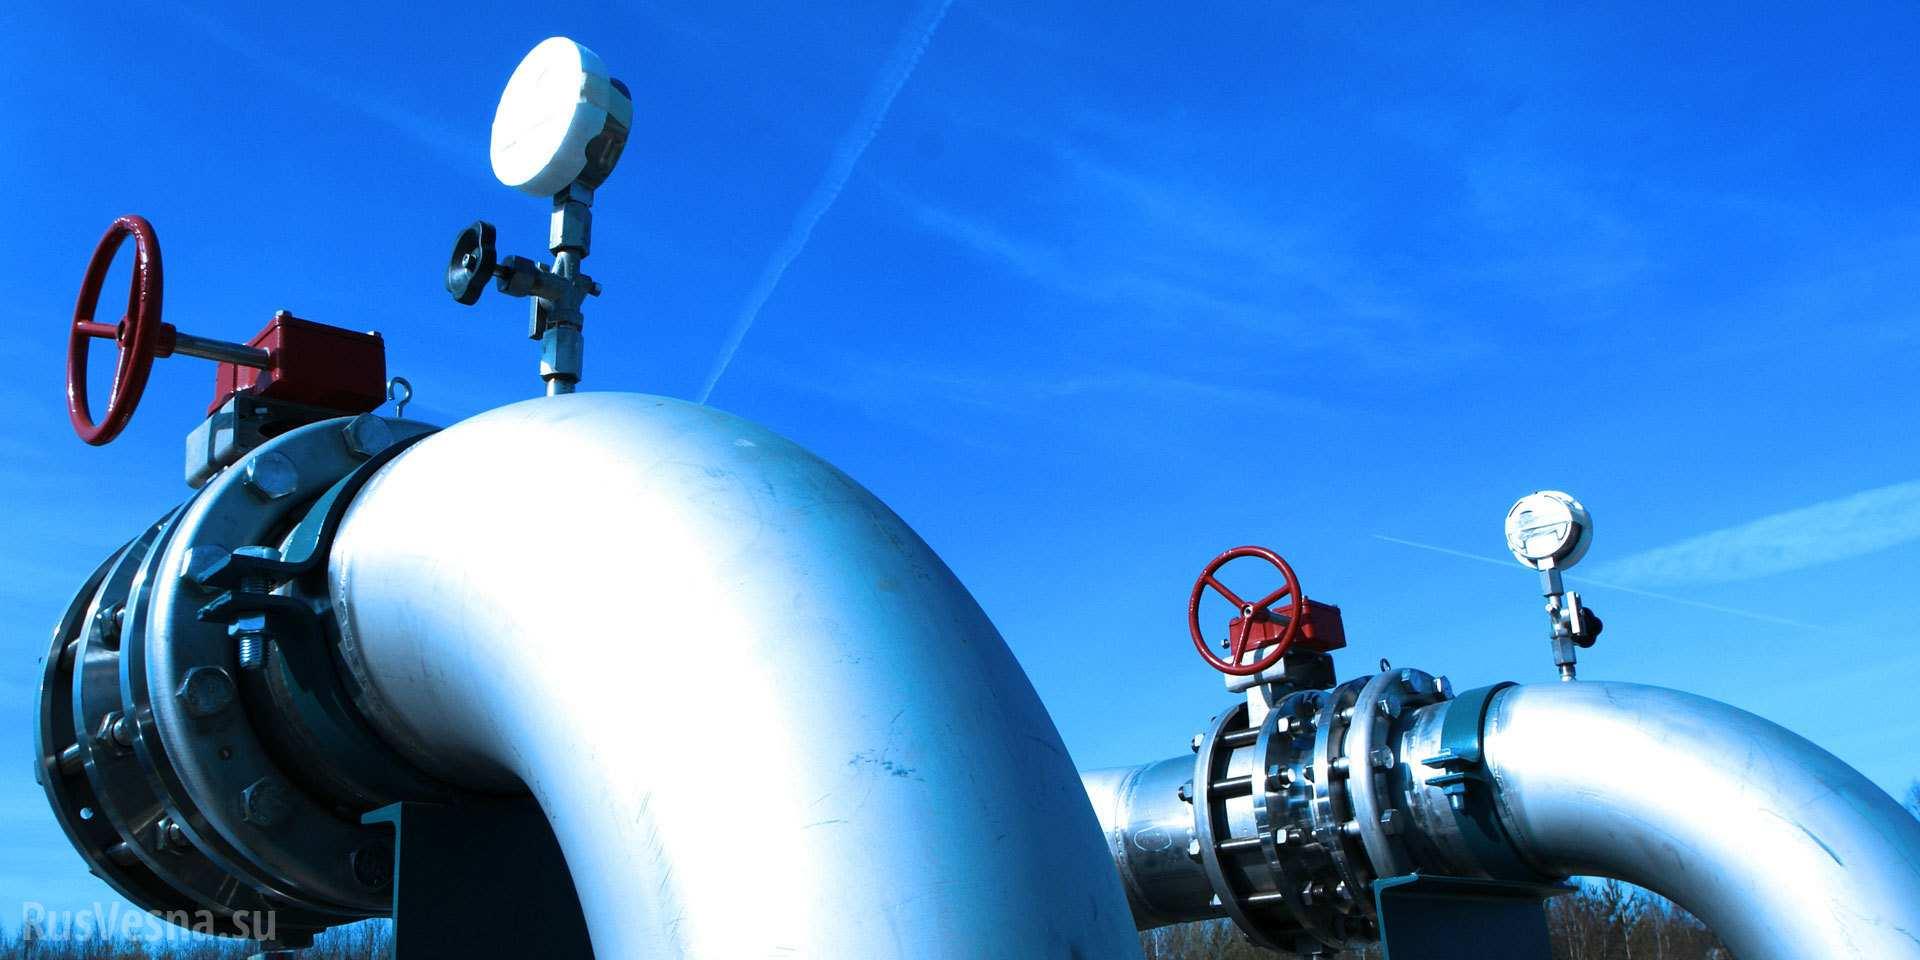 Проект по глубокой переработке газа намерены реализовать в Западном Казахстане власти региона